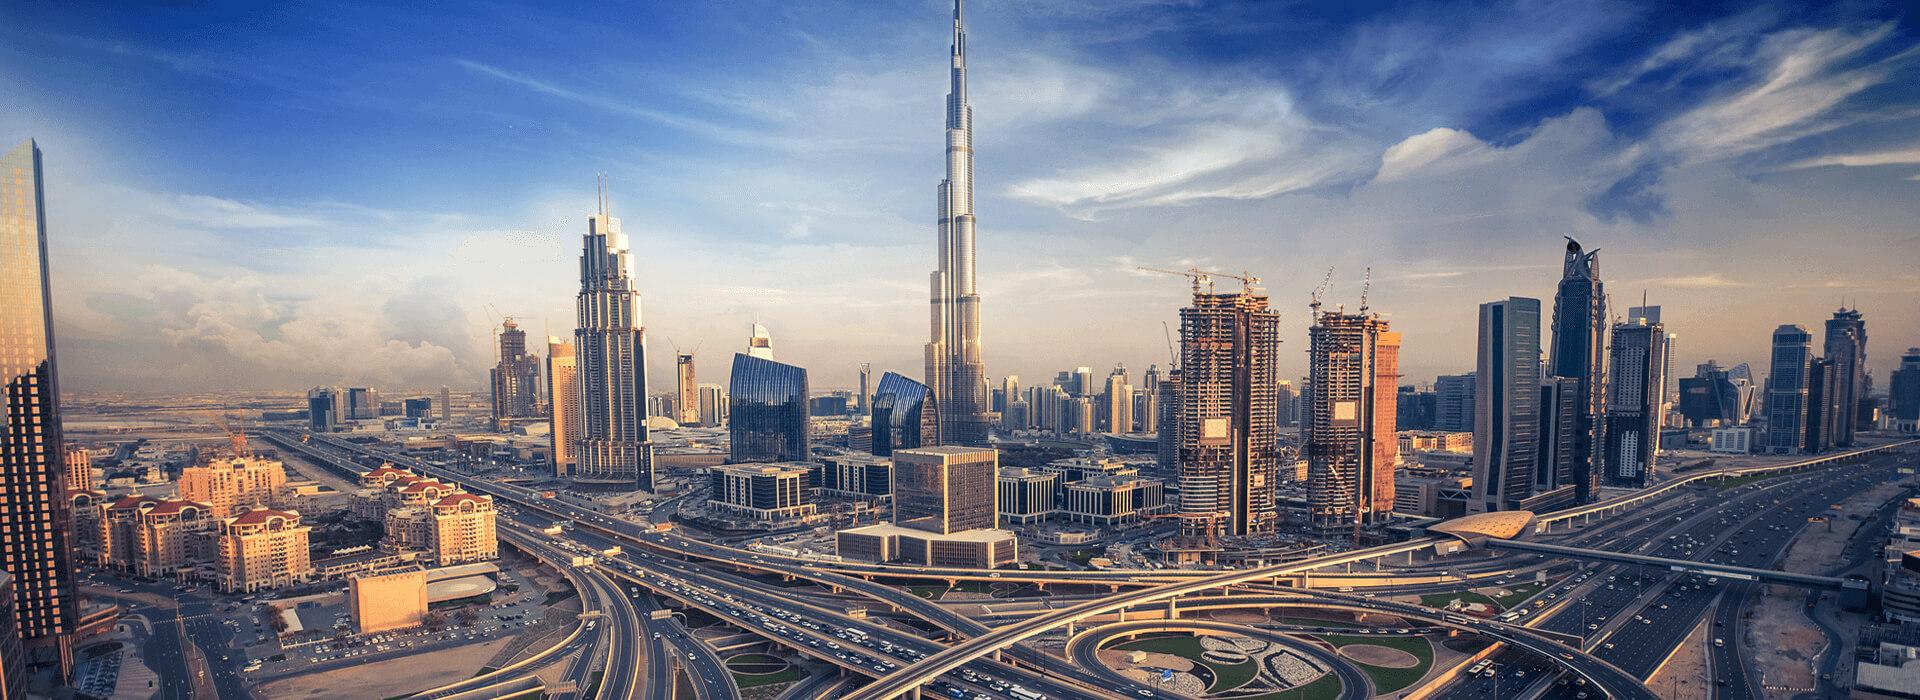 service in Dubai